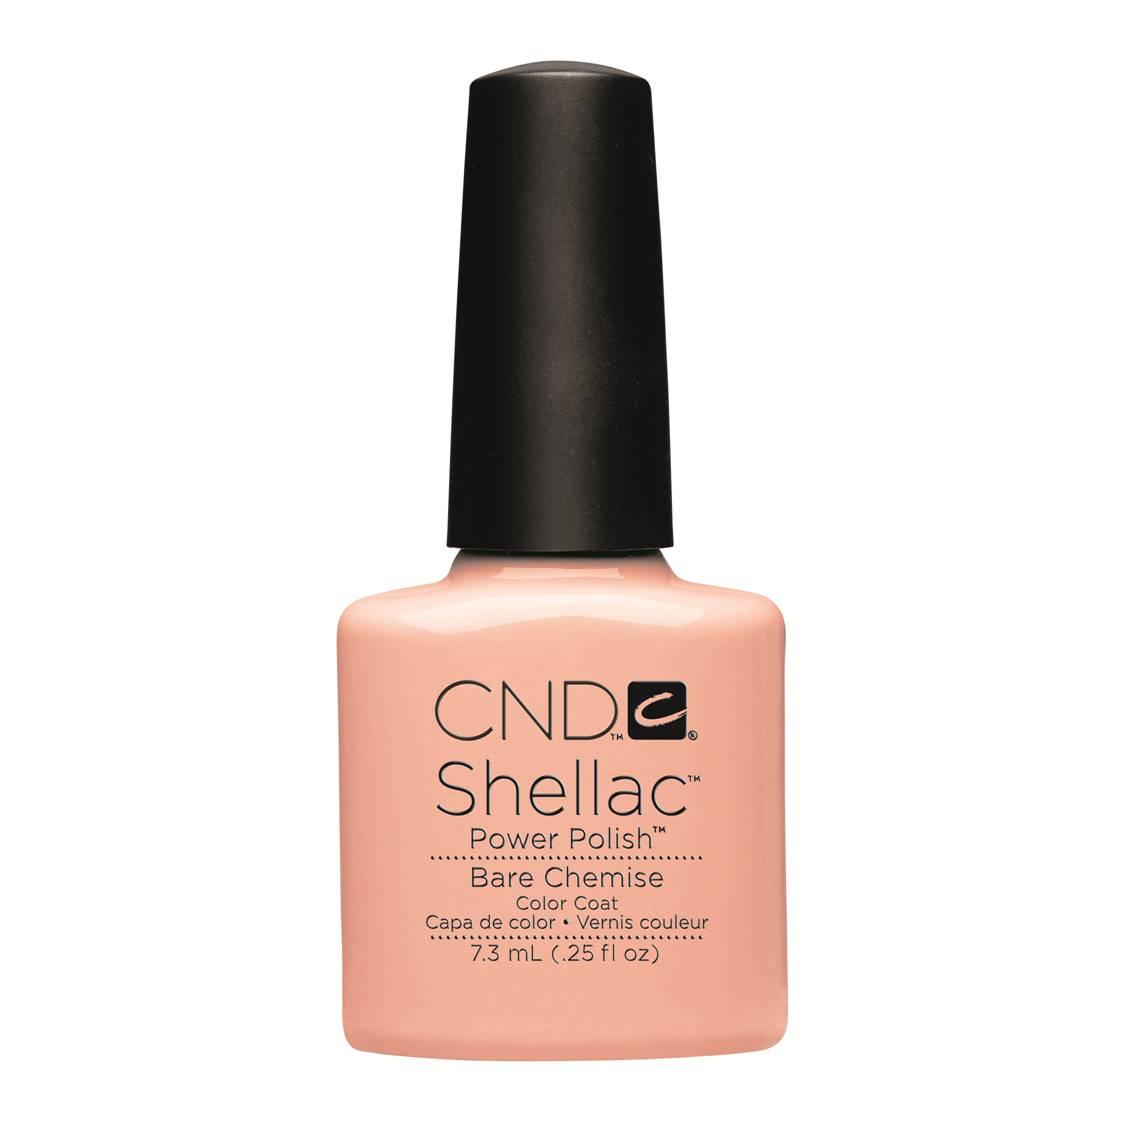 20 ideeën over CND   nagels, nagellak kleuren, nagels lakken